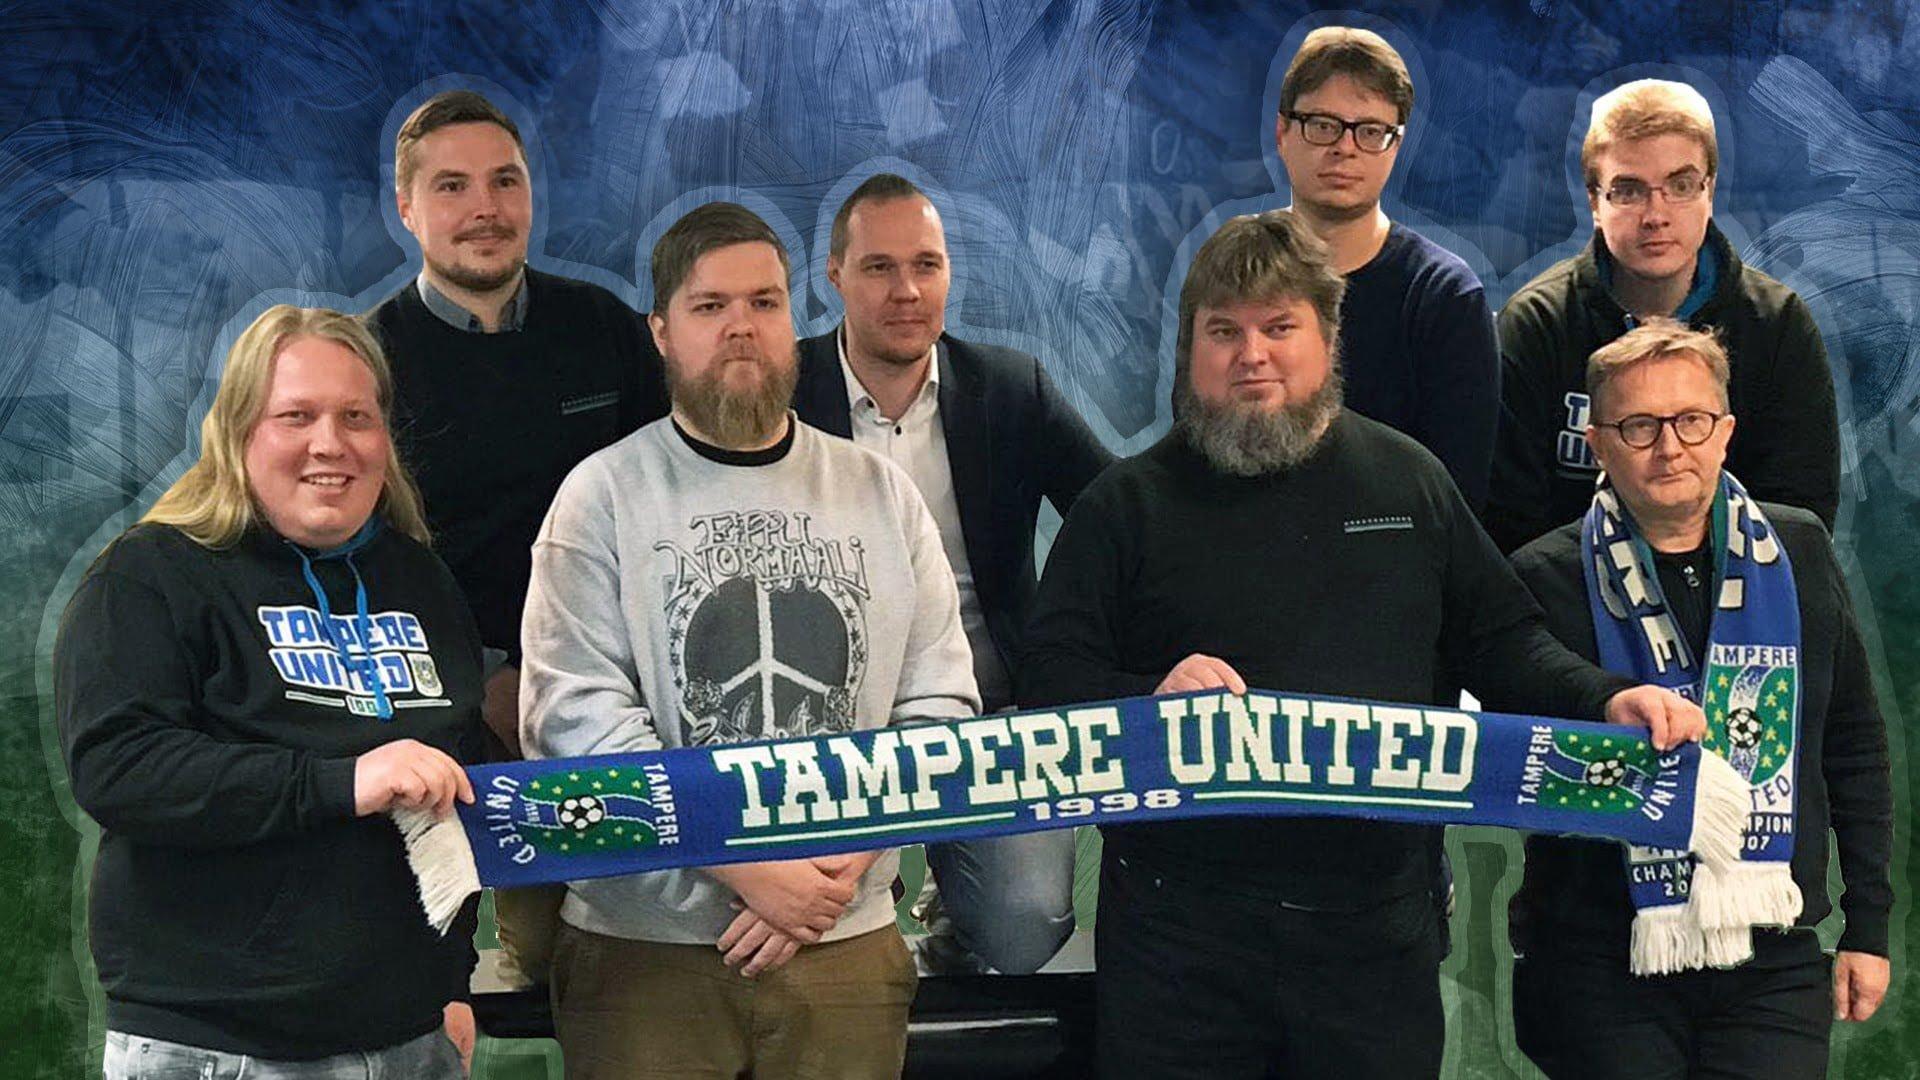 Tampere Unitedin uusi hallitus valittu – Antti Niemistöstä puheenjohtaja -uutiskuva